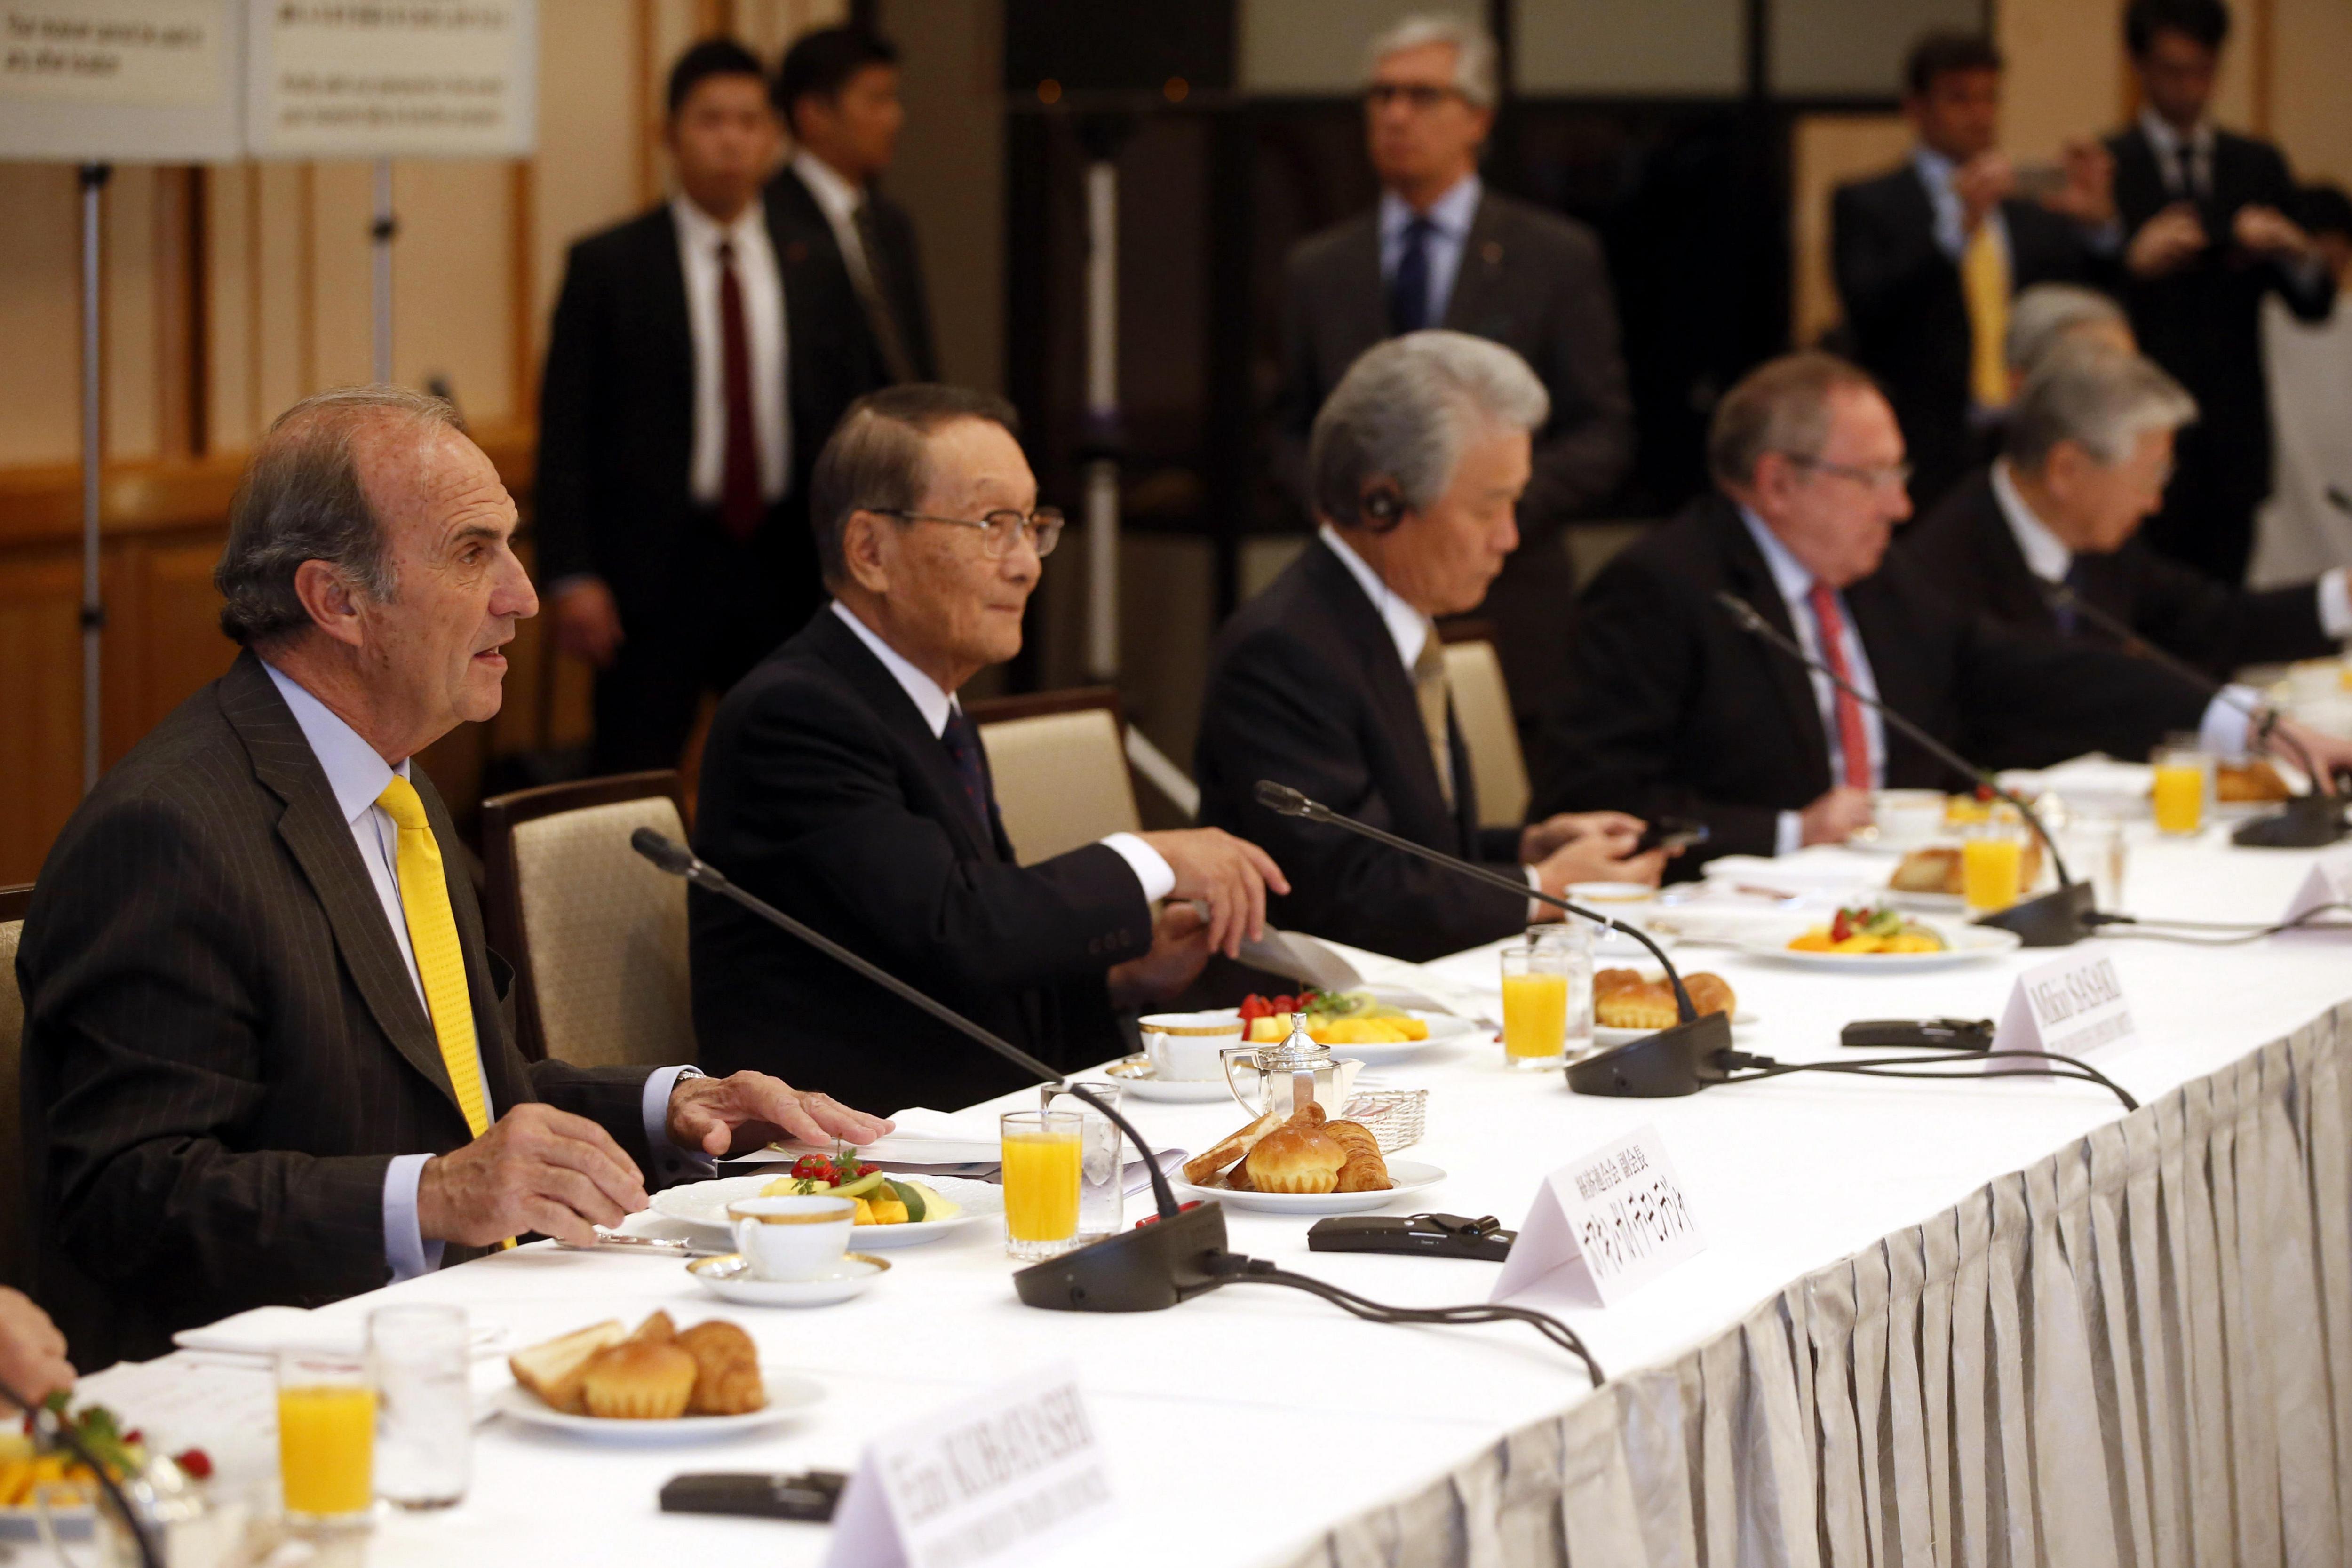 CEOE i Nippon Keidanren anuncien la visita a Espanya d'una delegació d'empresaris japonesos els propers 6 i 7 de juliol